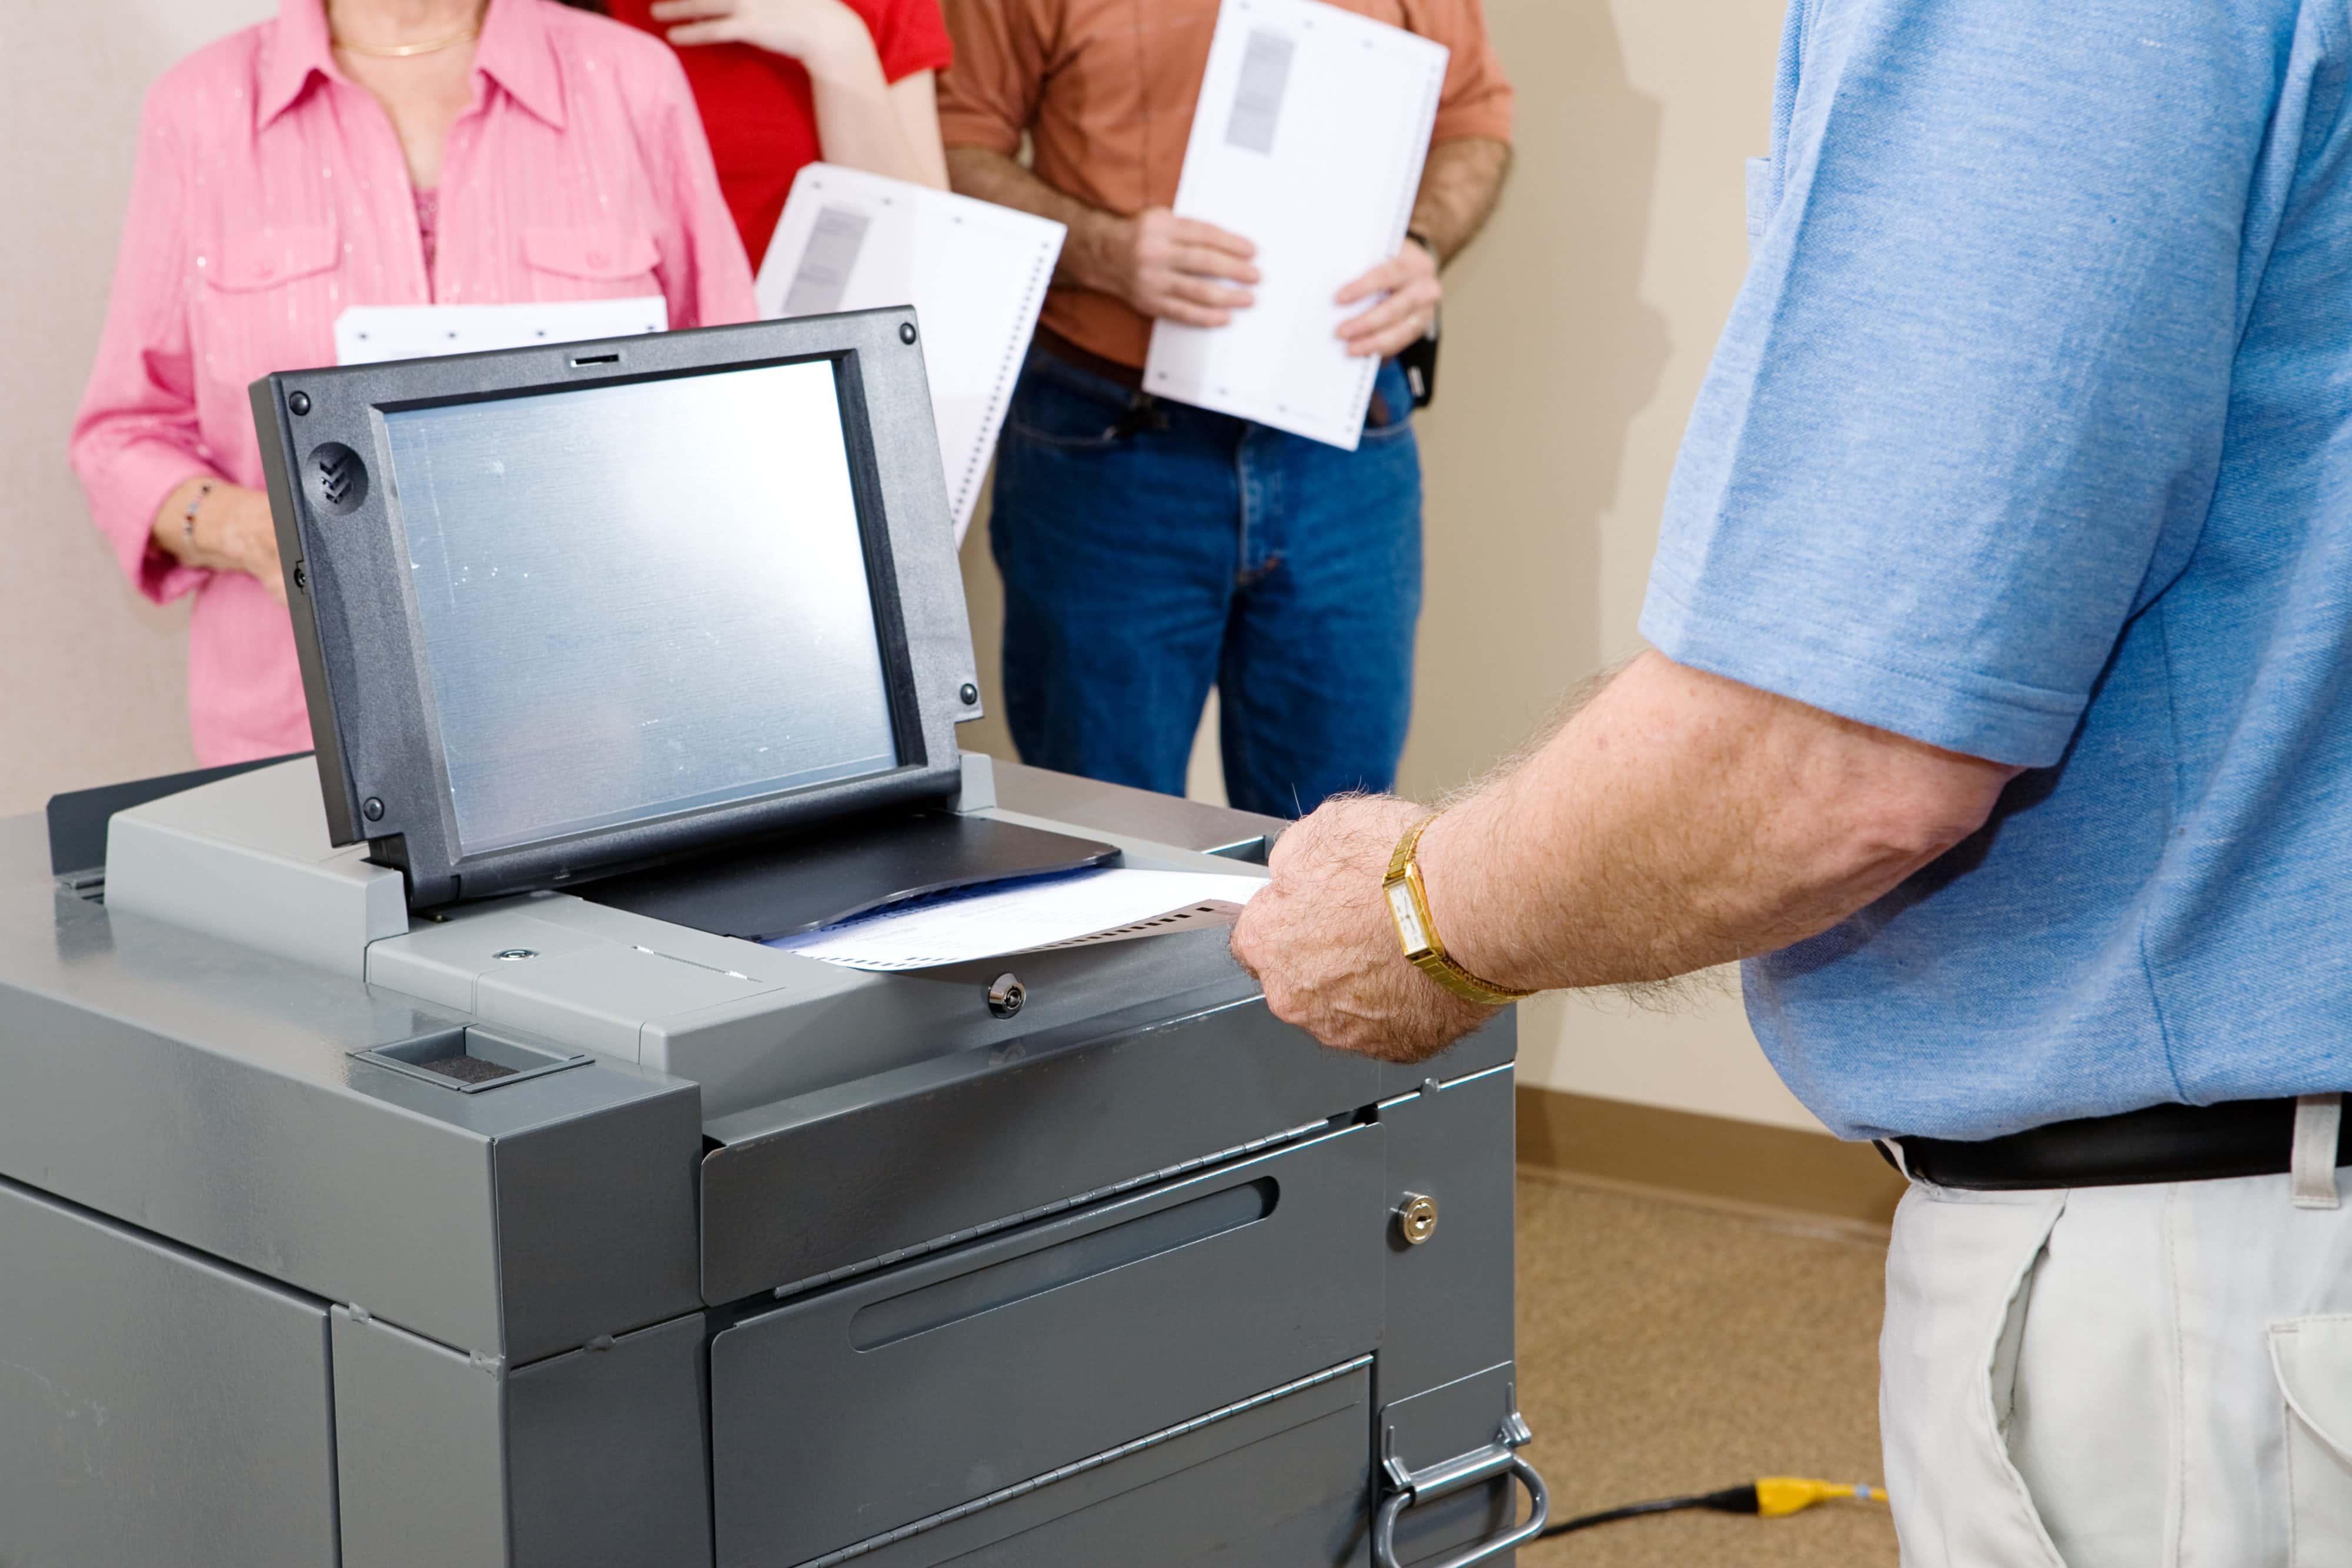 scanned-ballots-4000x2667.jpeg